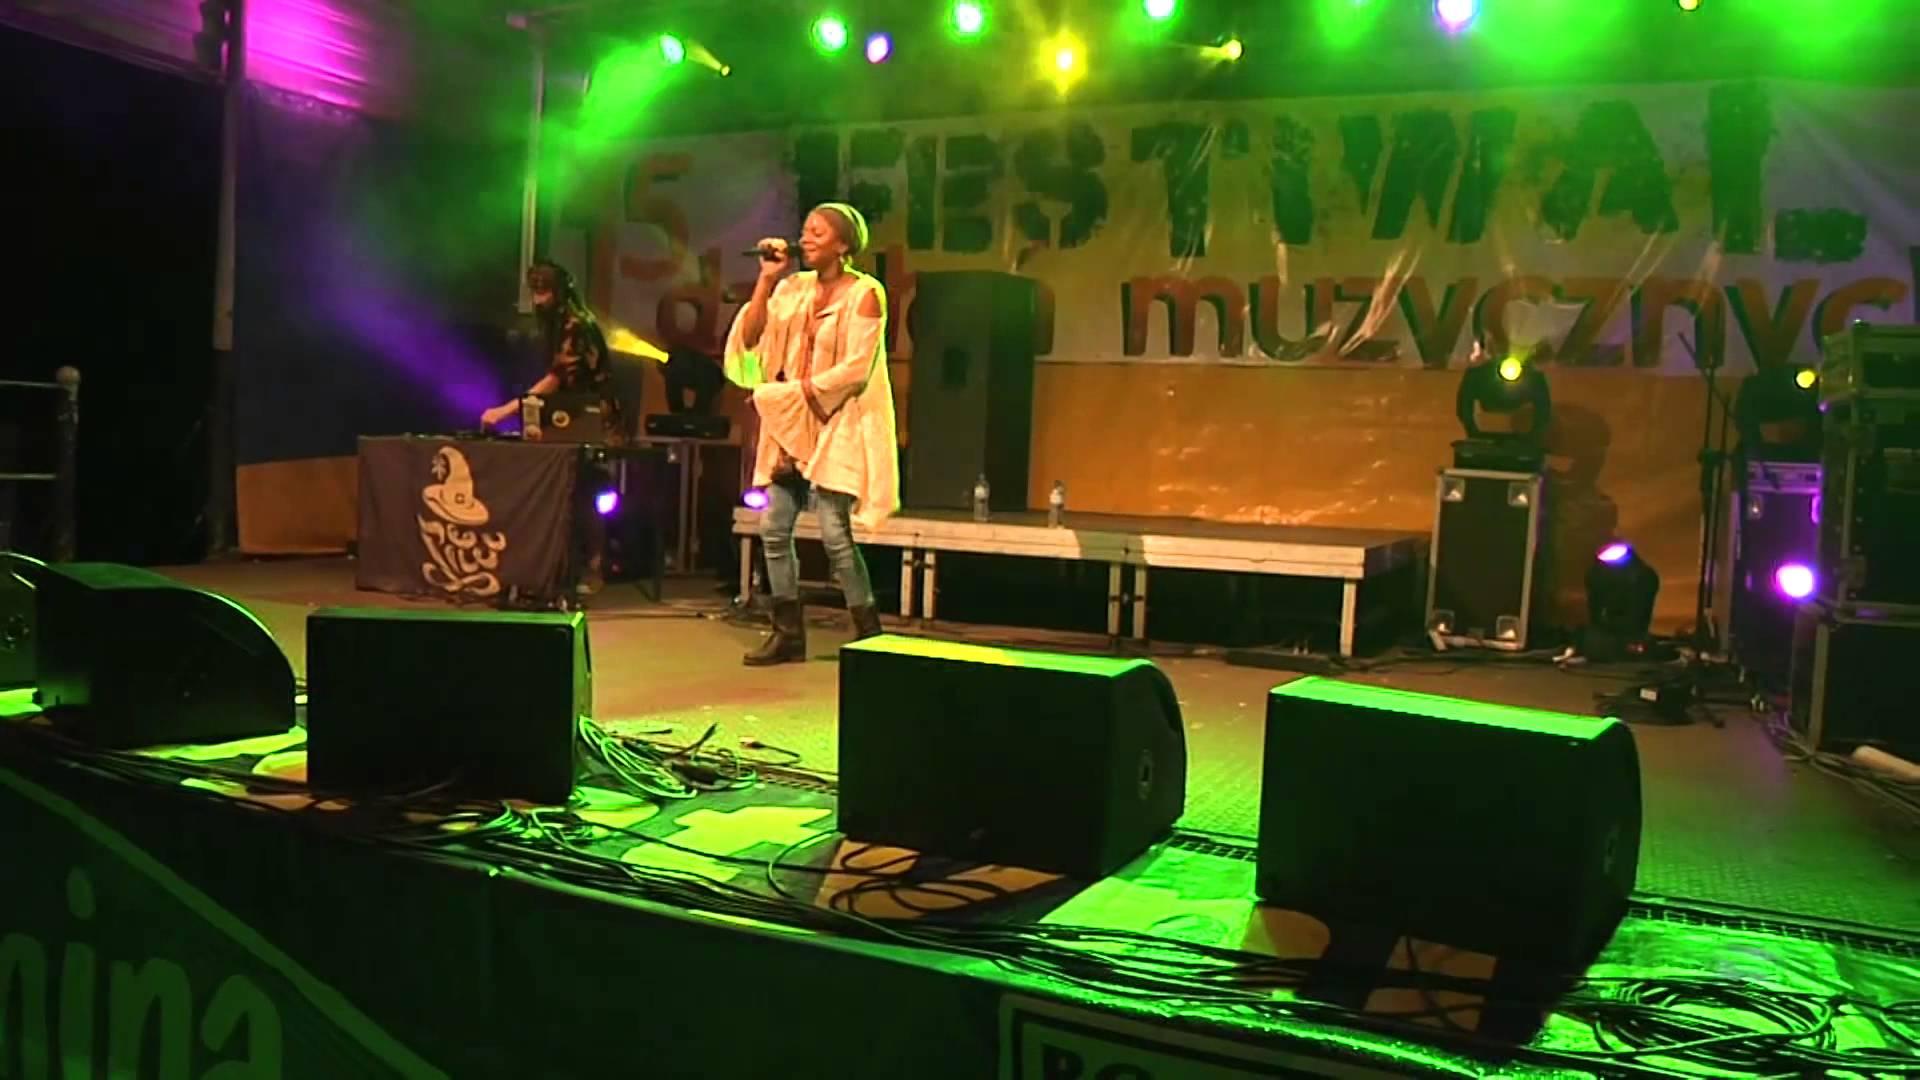 Tamika & K-Jah Sound @ Festiwal Działań Muzycznych 2015 in Bogatynia, Poland [8/28/2015]